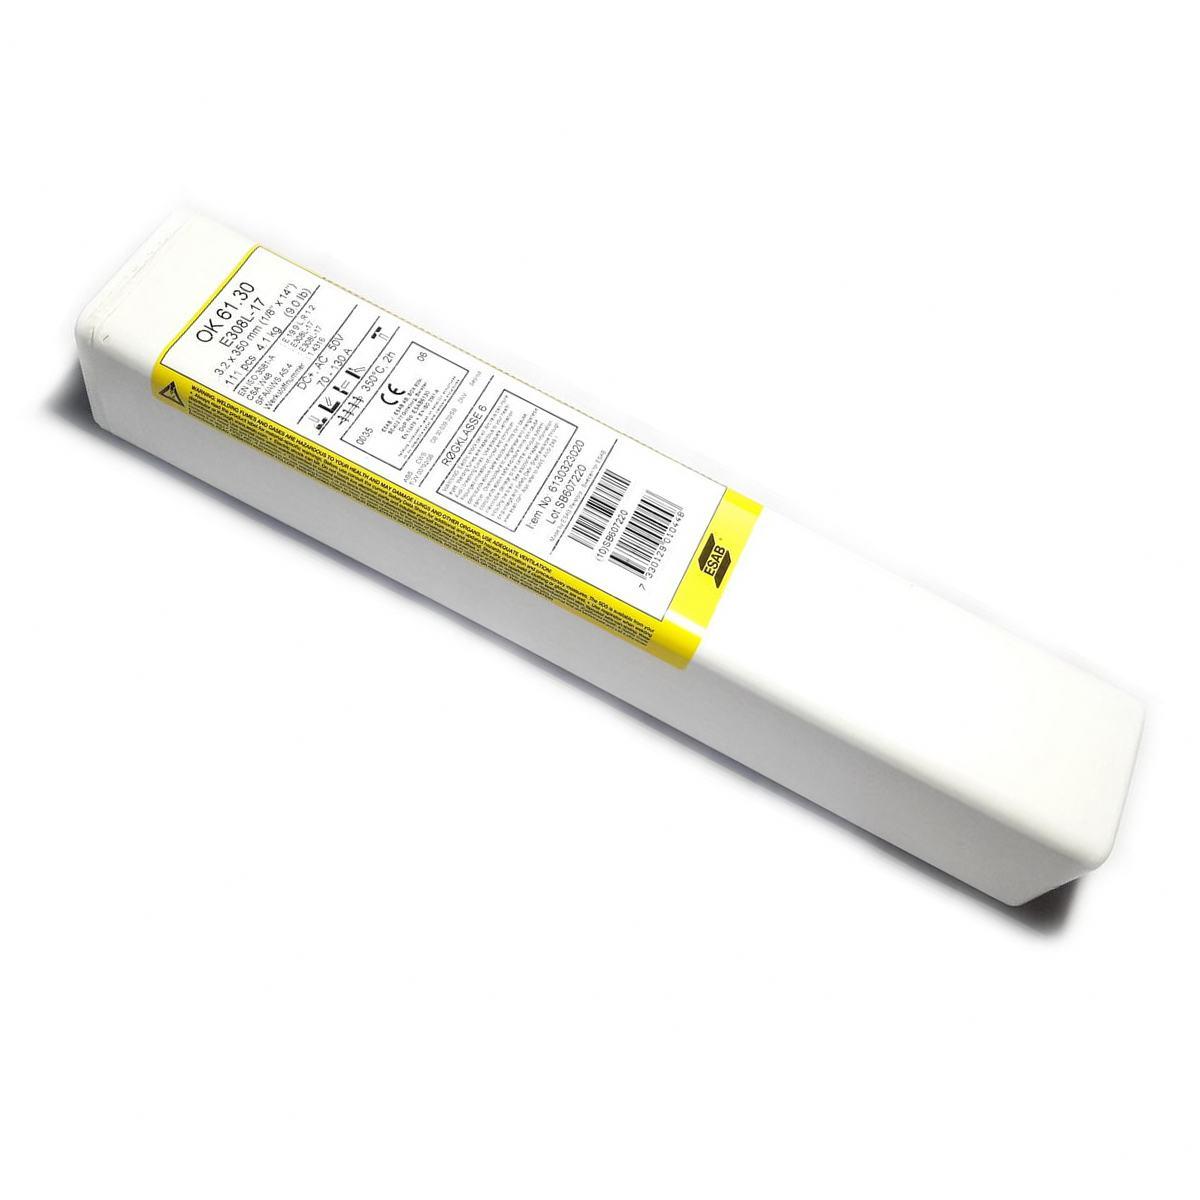 Электроды ОК 61.30 3.2 мм ESAB 4,1 кг